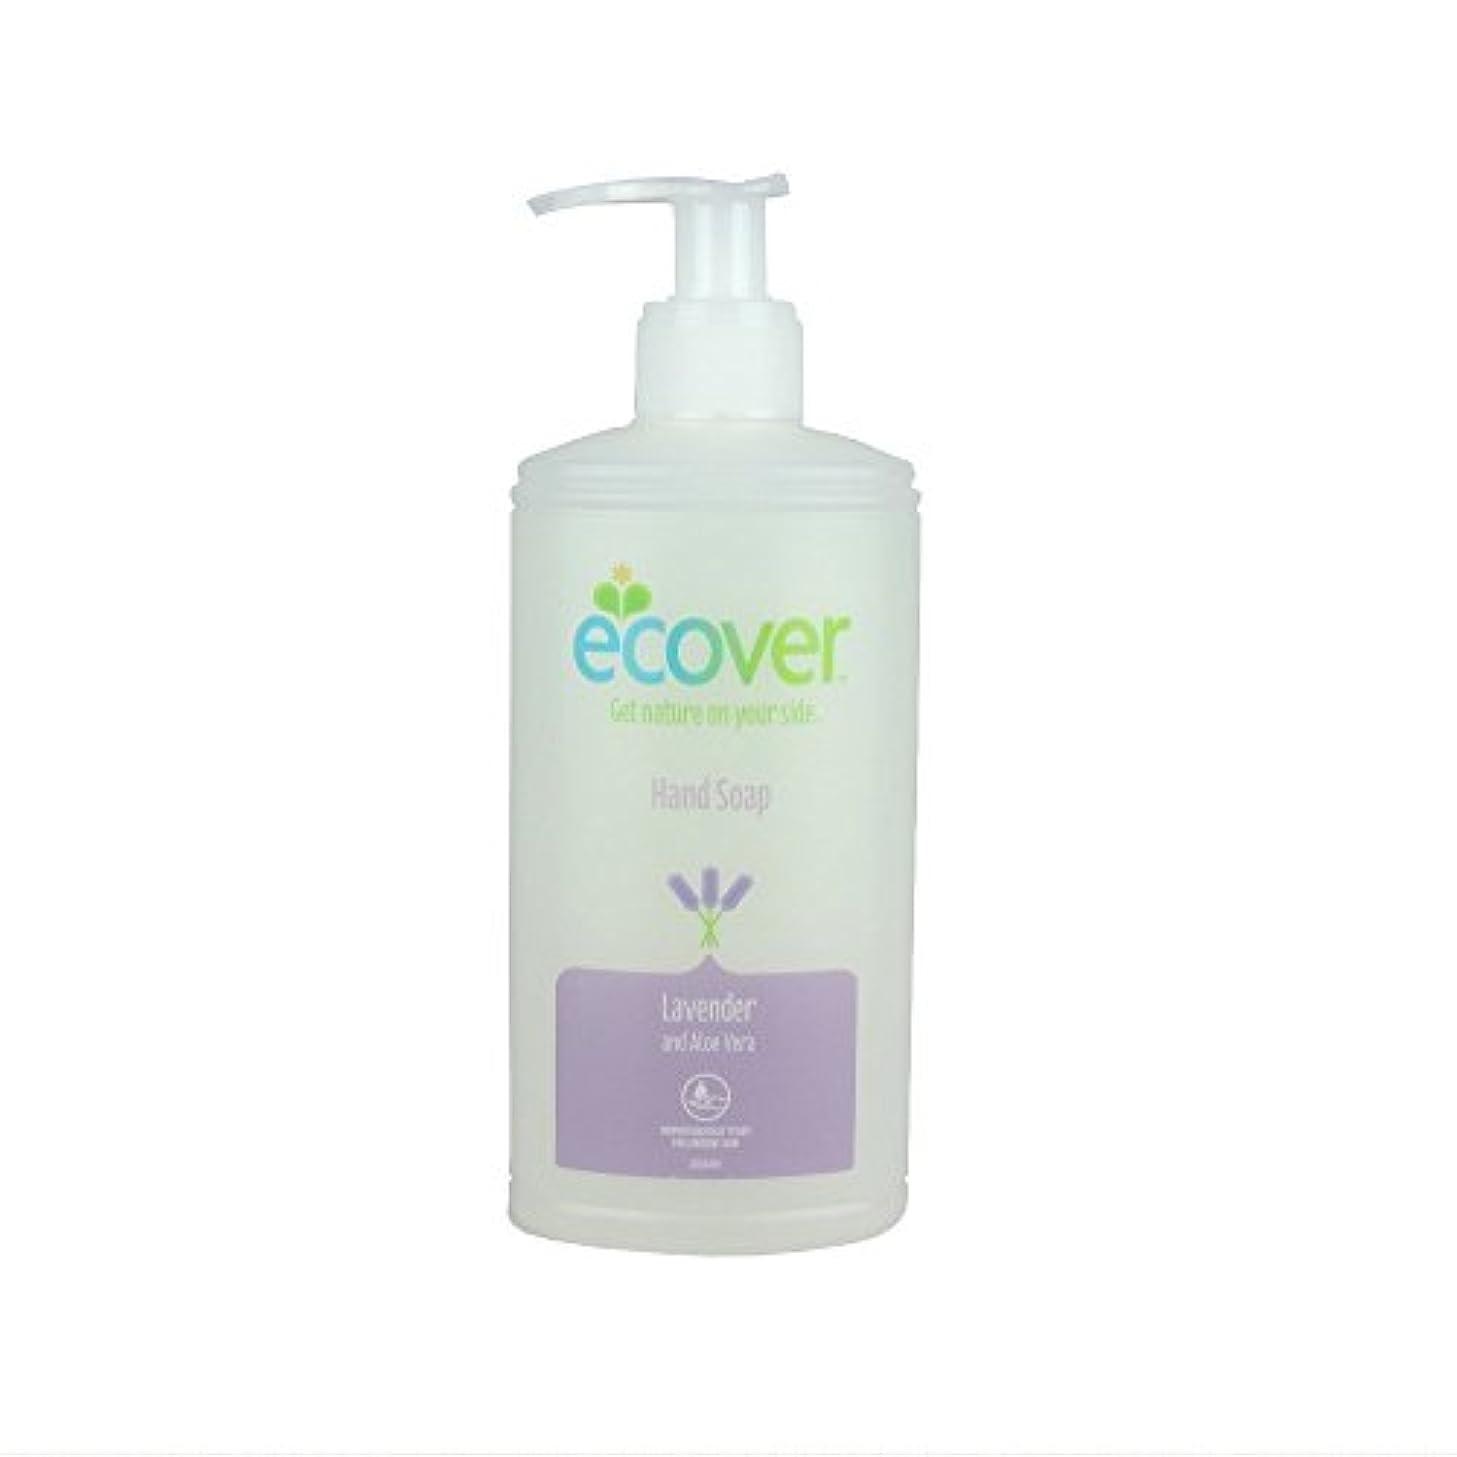 アプローチ絵竜巻Ecover Liquid Hand Soap Lavender & Aloe Vera (250ml) 液体ハンドソープラベンダーとアロエベラ( 250ミリリットル)をエコベール